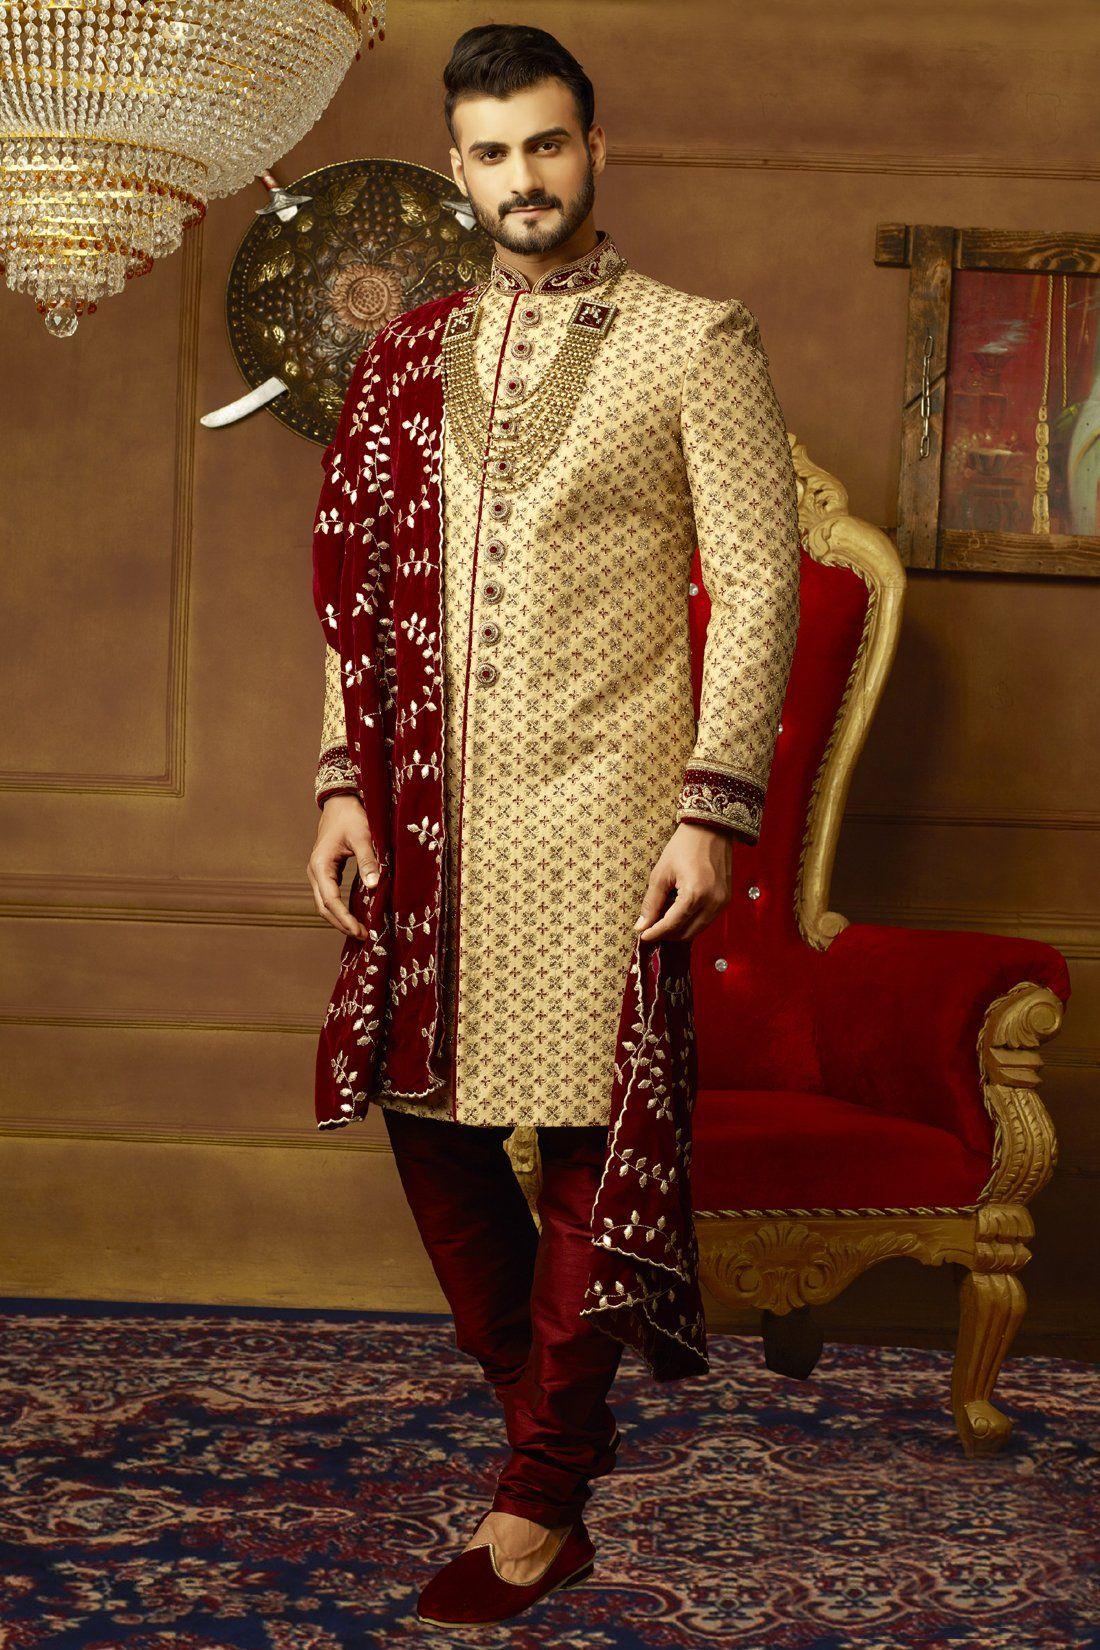 Gold And Maroon Mens Sherwani Sherwani For Men Wedding Mens Sherwani Wedding Dresses Men Indian